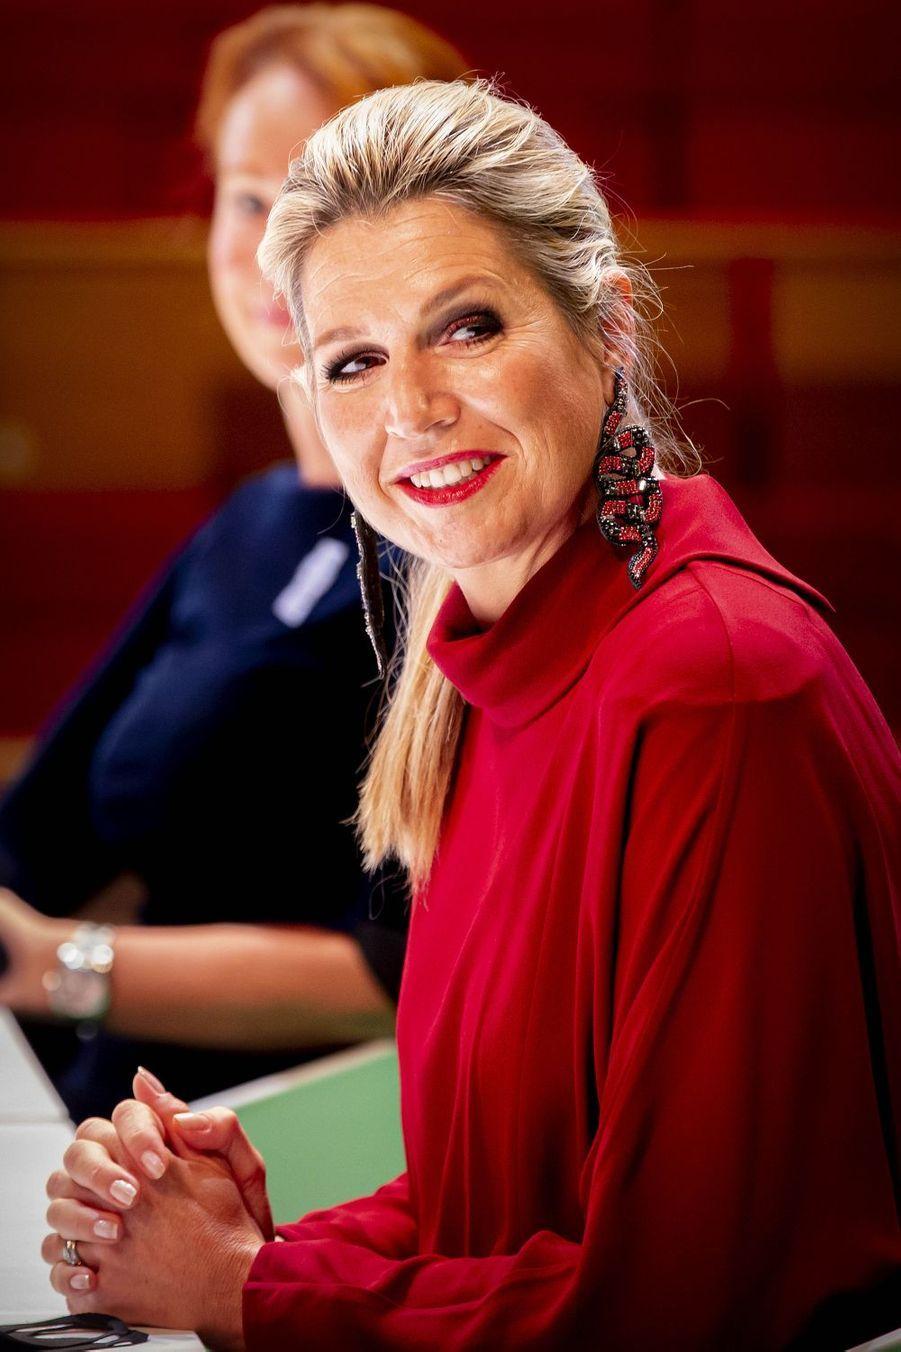 La reine Maxima des Pays-Bas à Utrecht, le 7 octobre 2020